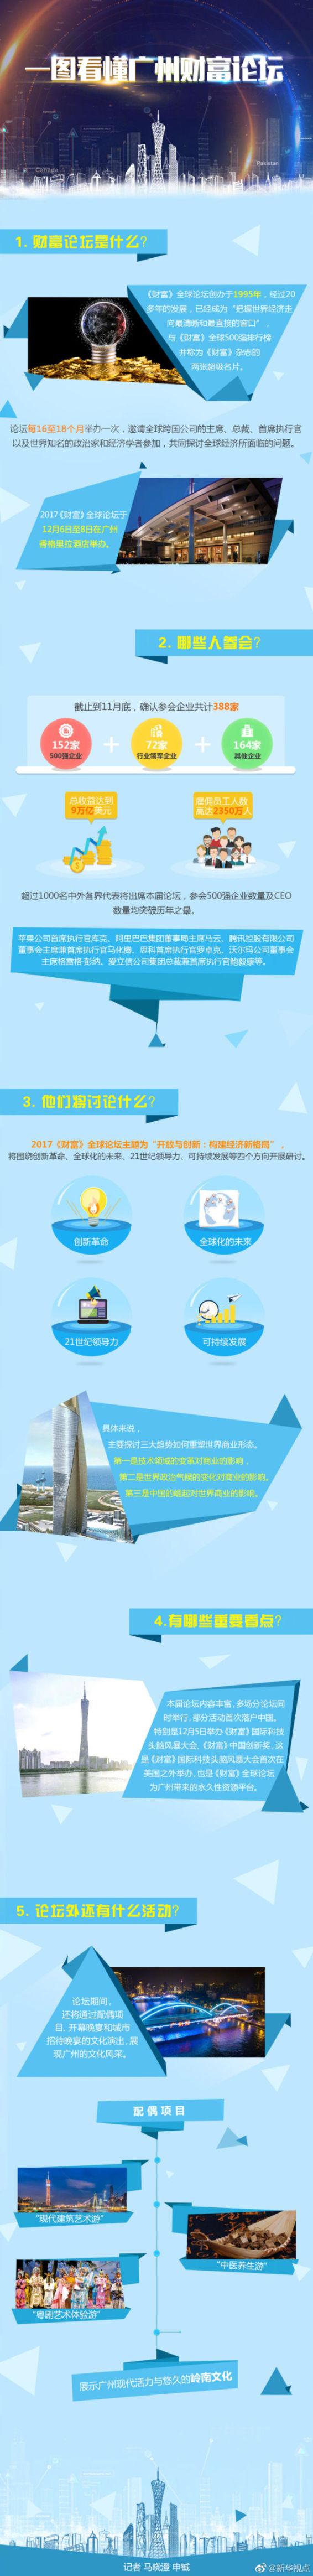 一图看懂广州财富论坛